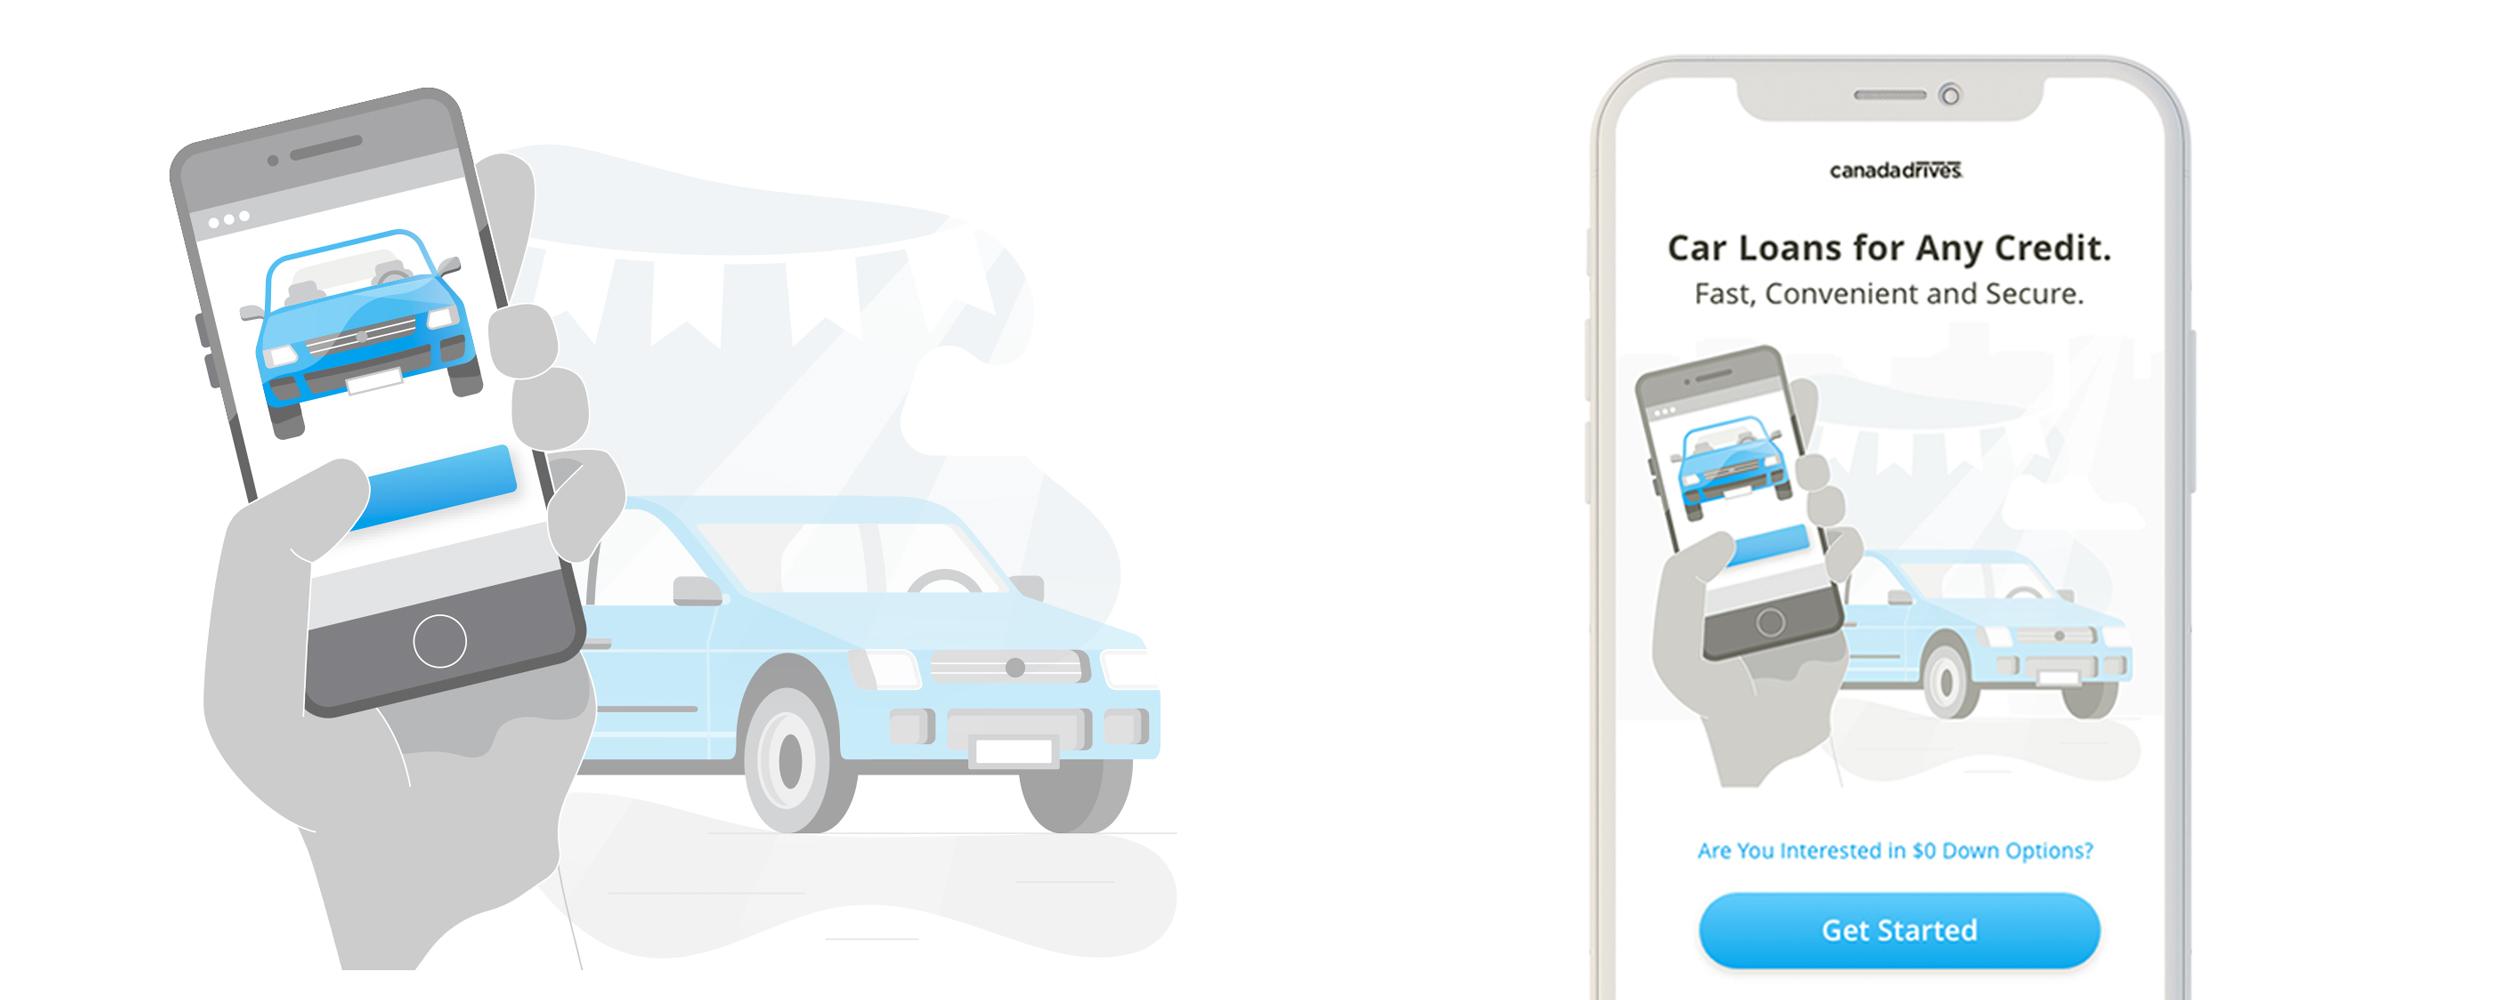 Illustration for website mobile landing page